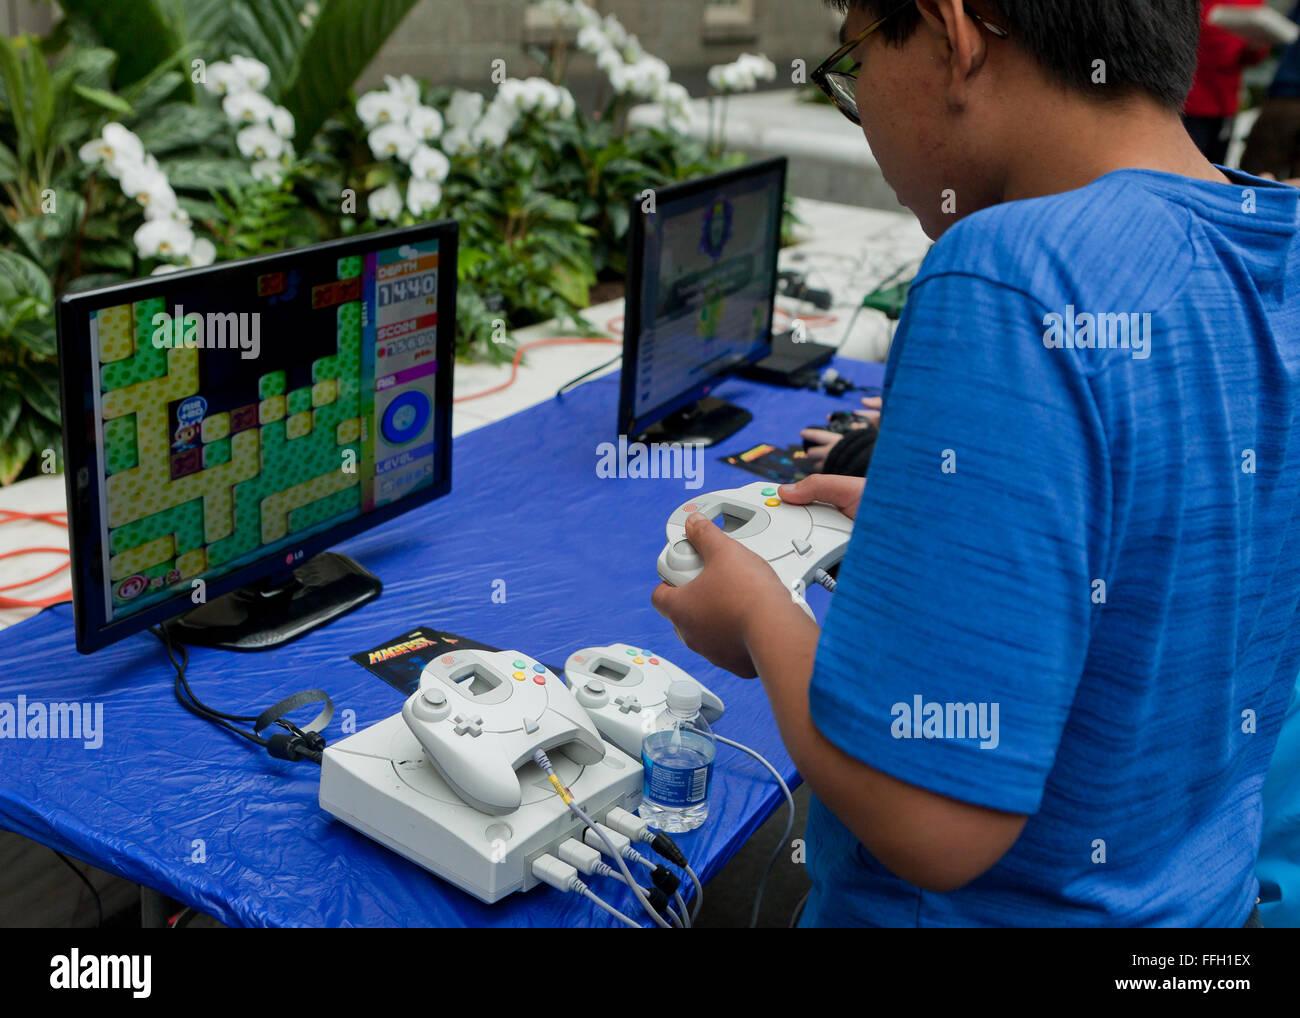 Garçon jouant un jeu vidéo sur un système Sega Dreamcast - USA Photo Stock